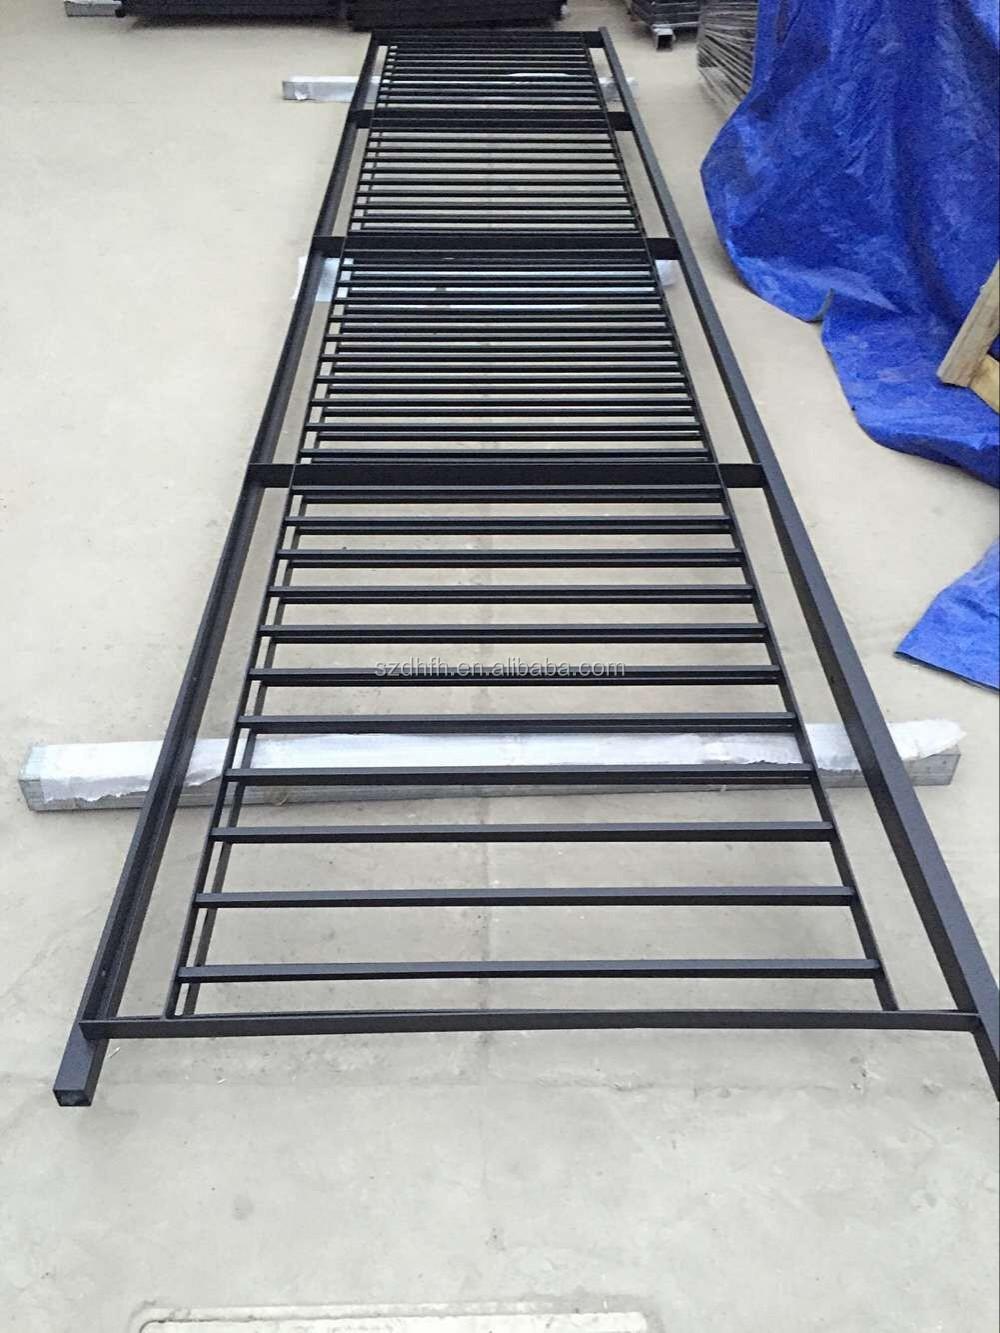 Design grill balcon ext rieur balustrades en fer forg for Escalier balcon exterieur